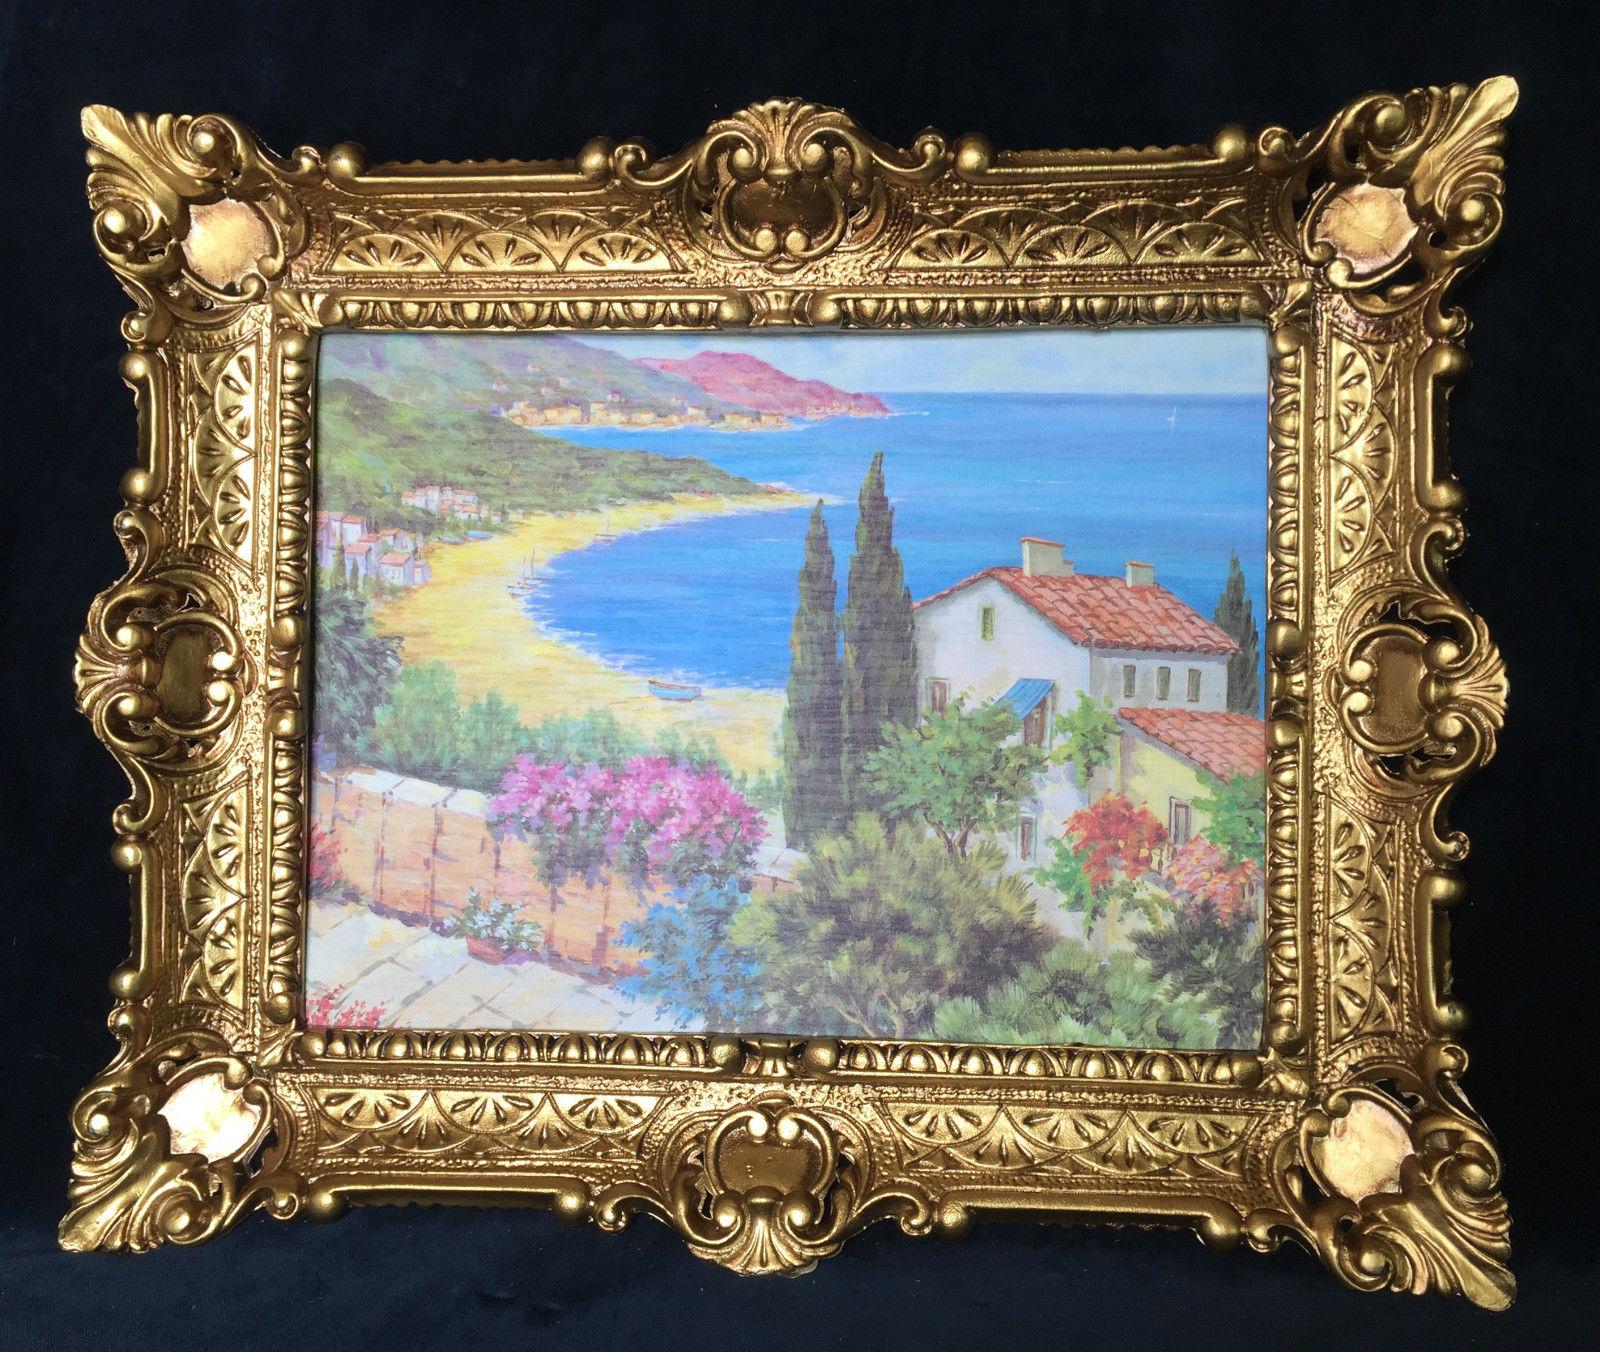 landschaftsbild haus am see blick wandbild mit rahmen 57x47 kunstdruck baum kaufen bei pintici. Black Bedroom Furniture Sets. Home Design Ideas